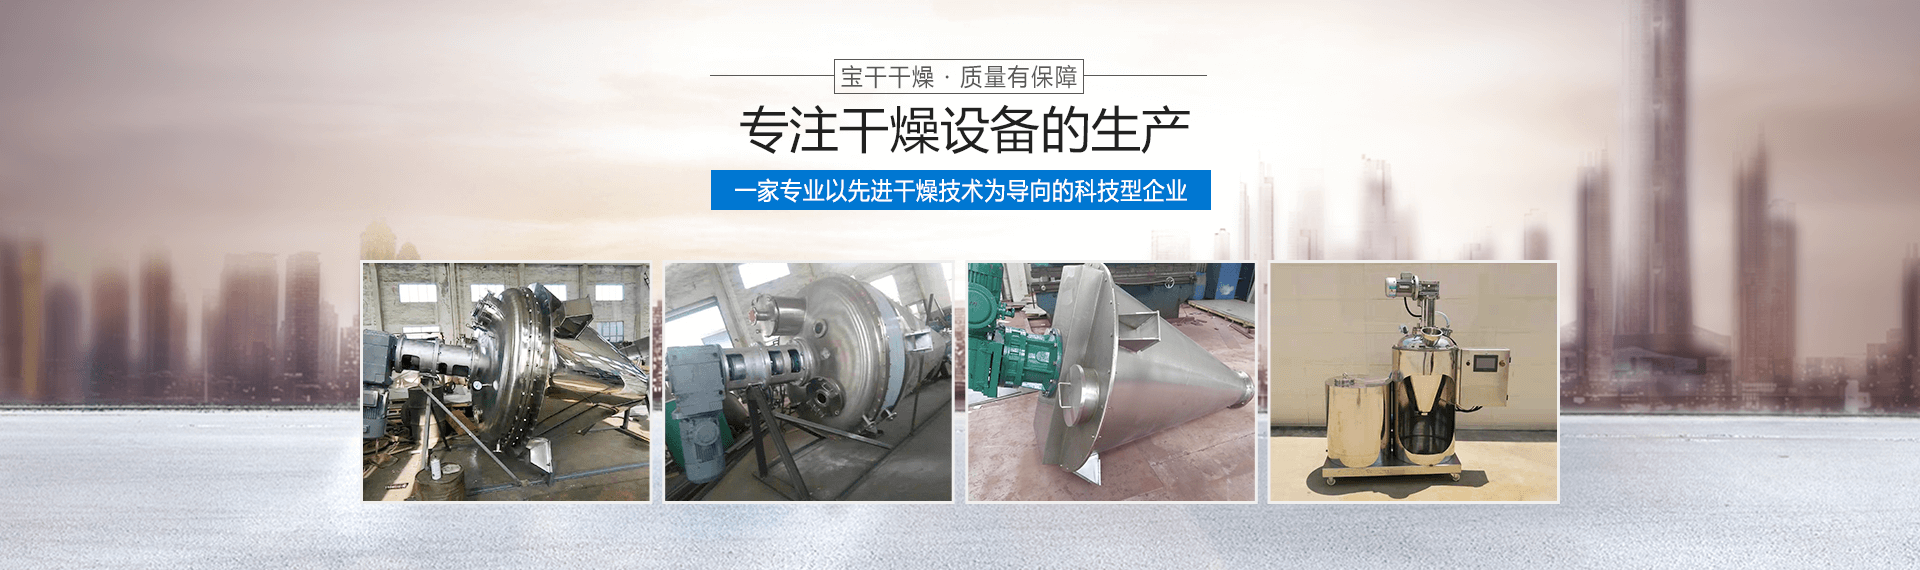 江苏常州双锥干燥机推荐货源